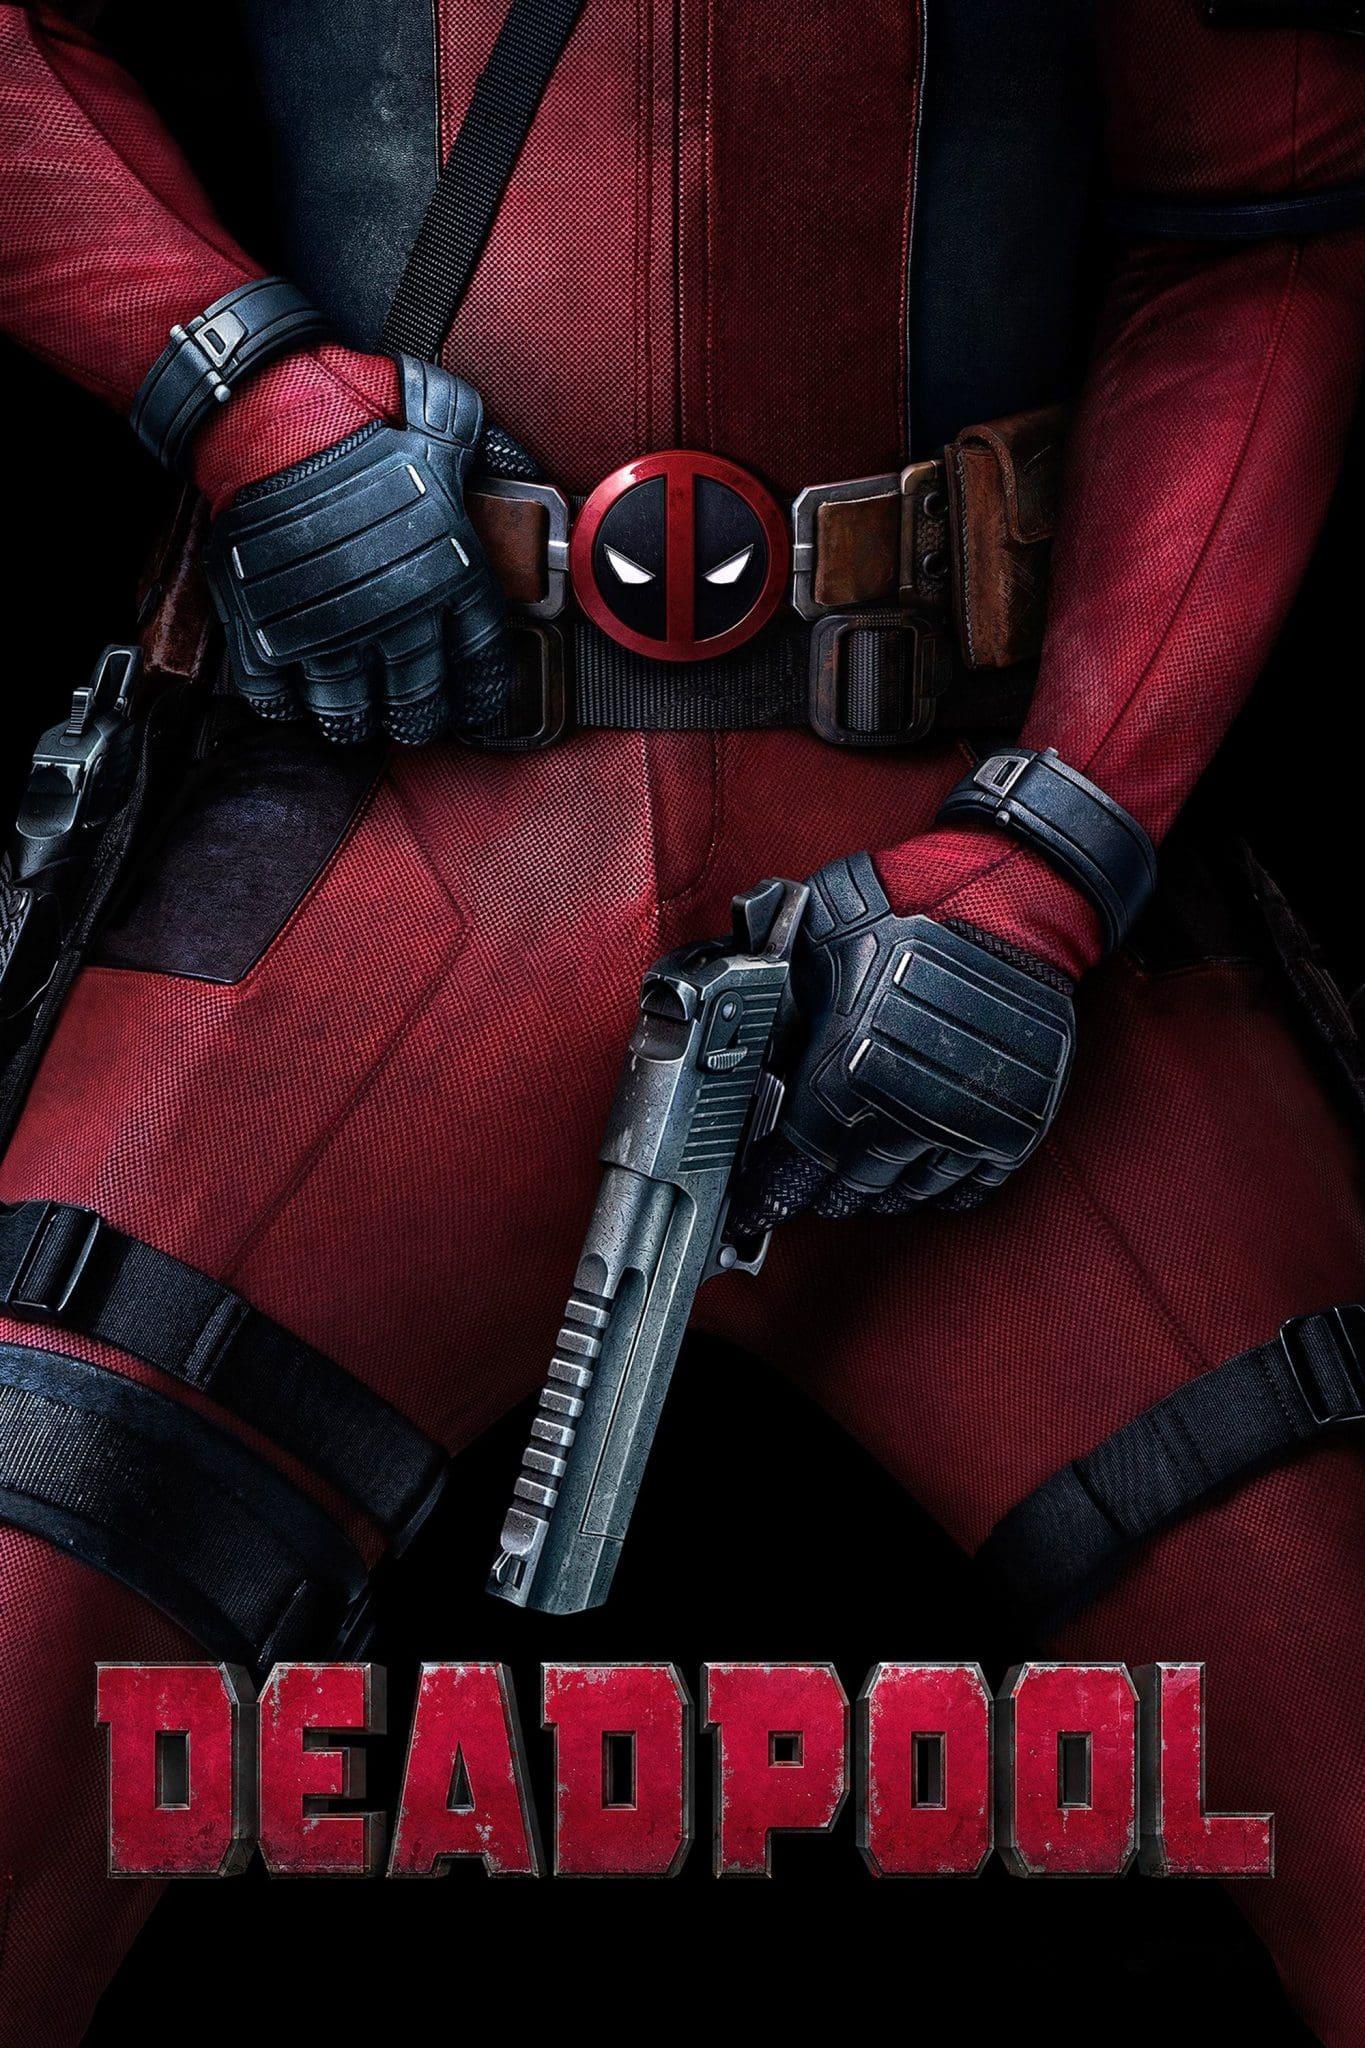 Regarder Deadpool en streaming gratuit